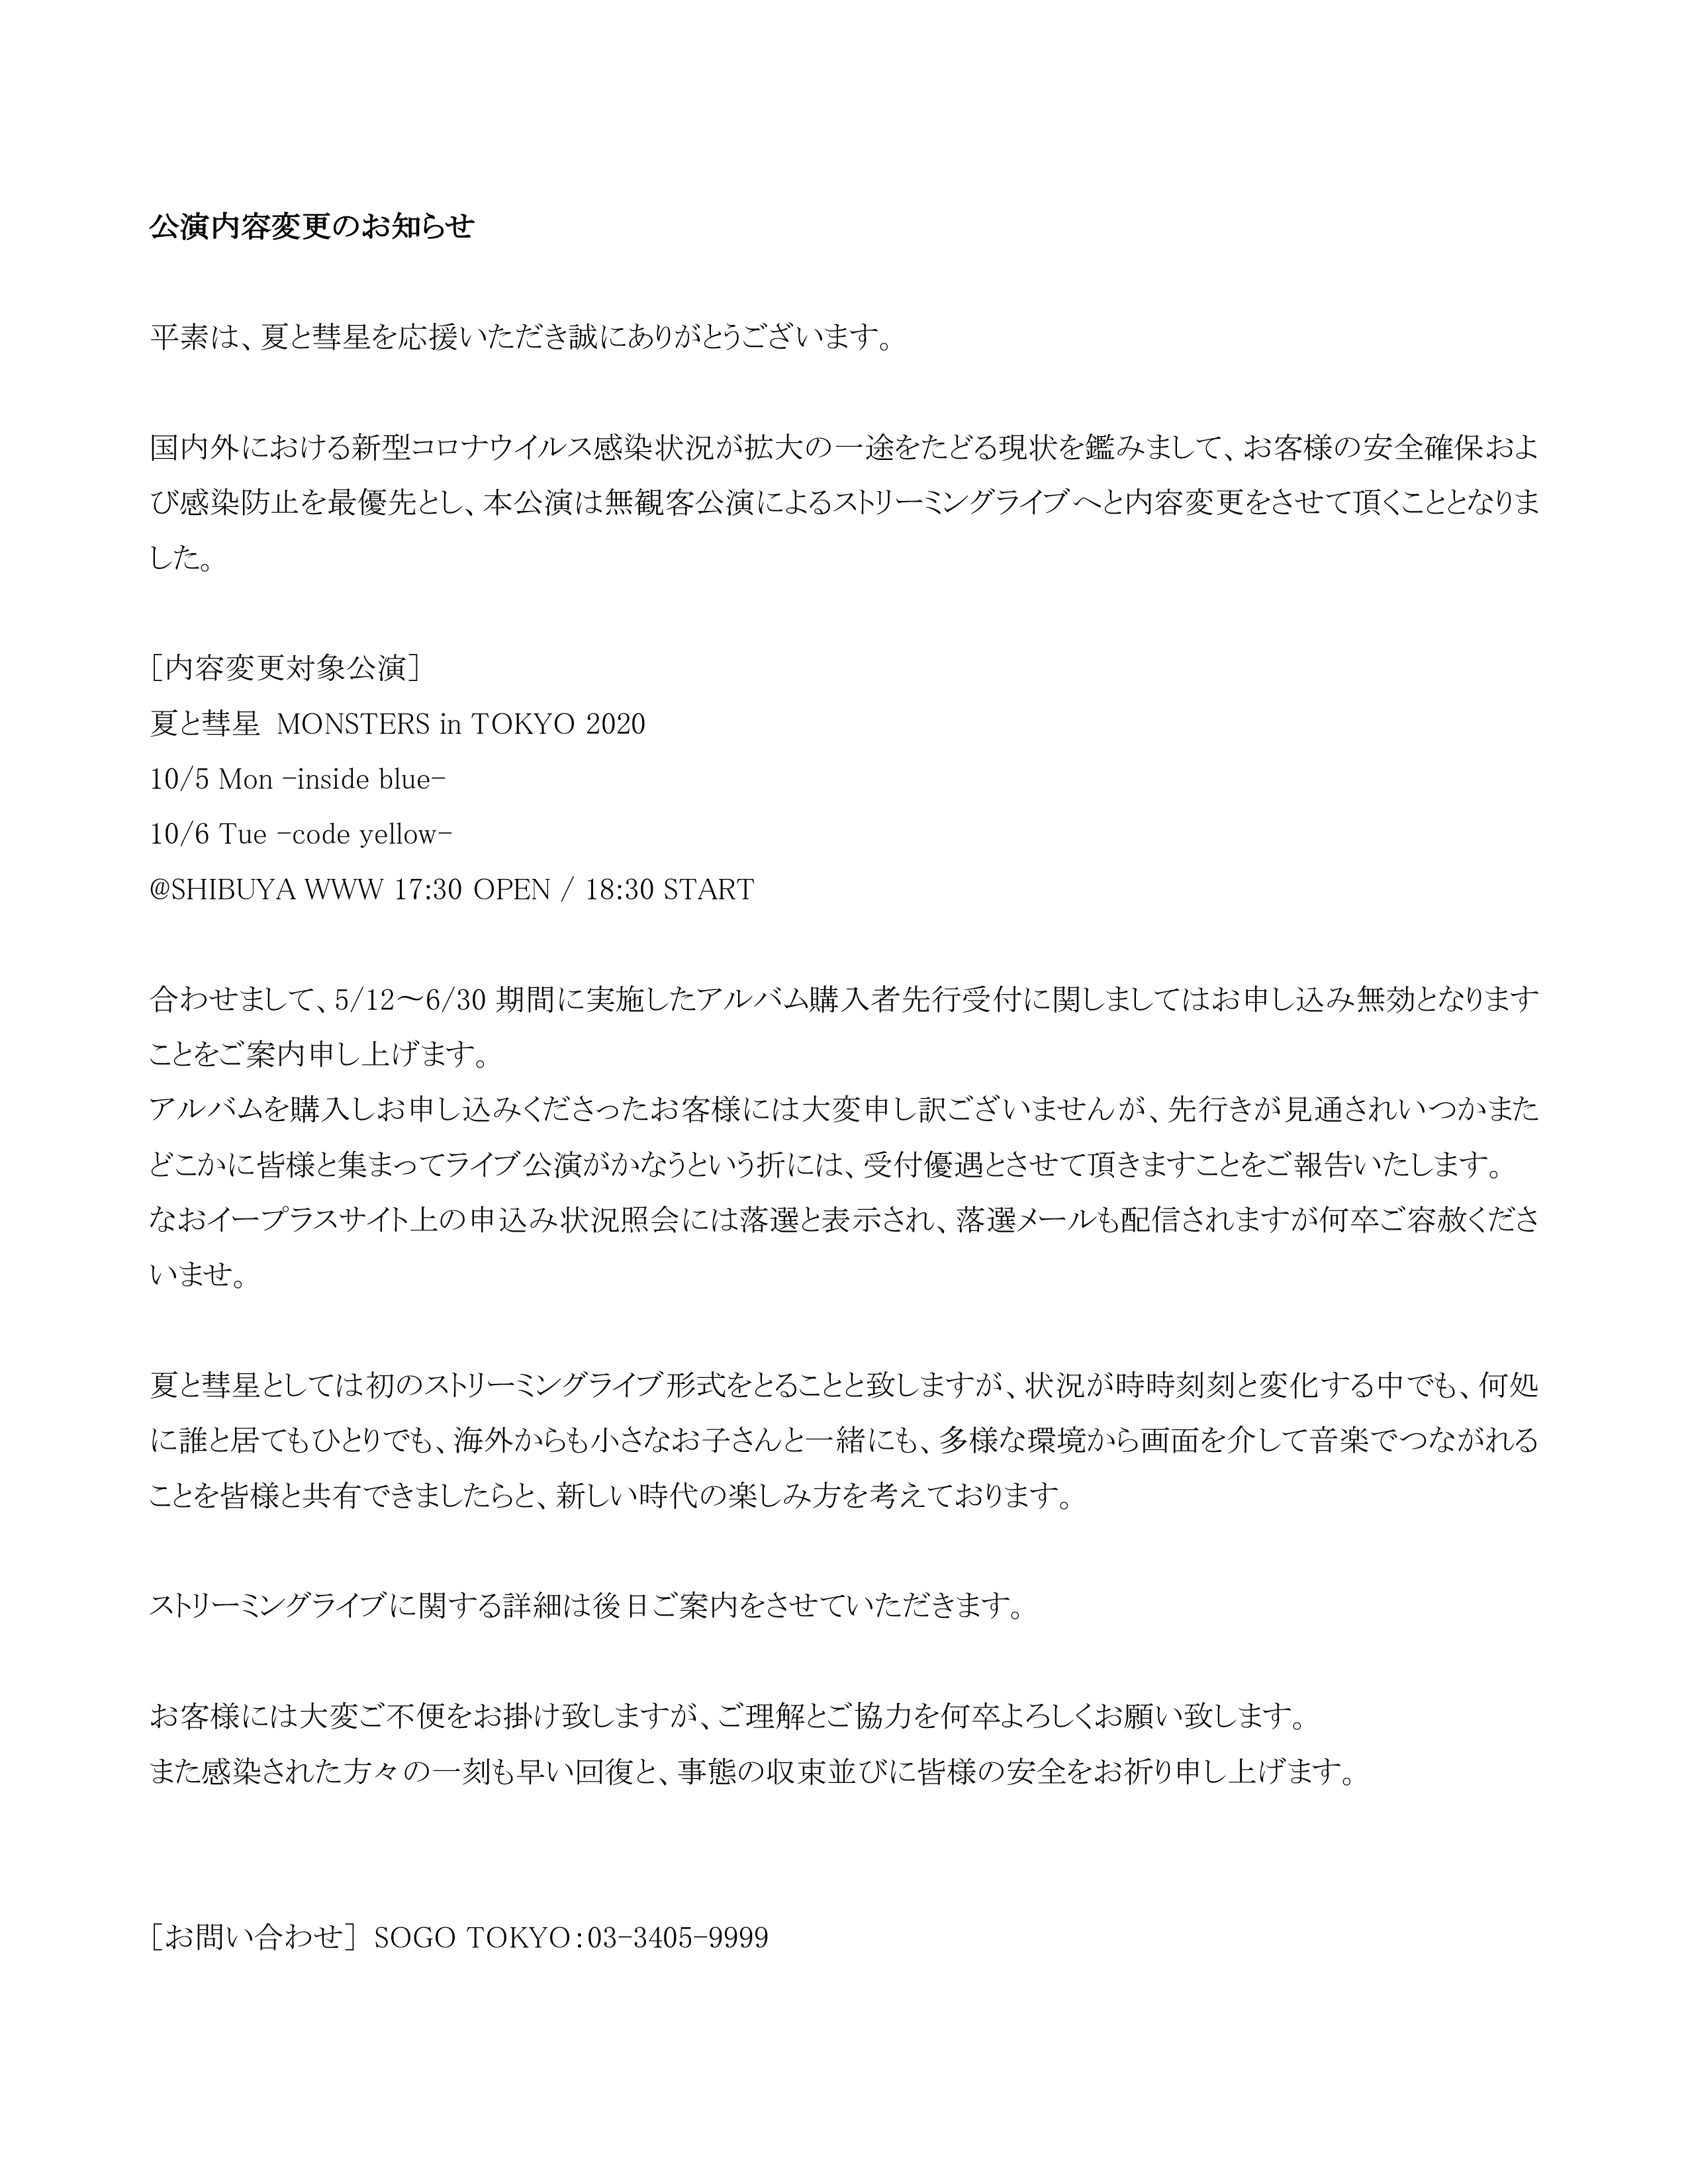 【公演内容変更】2020.10.05-06 夏と彗星 @WWW.jpg